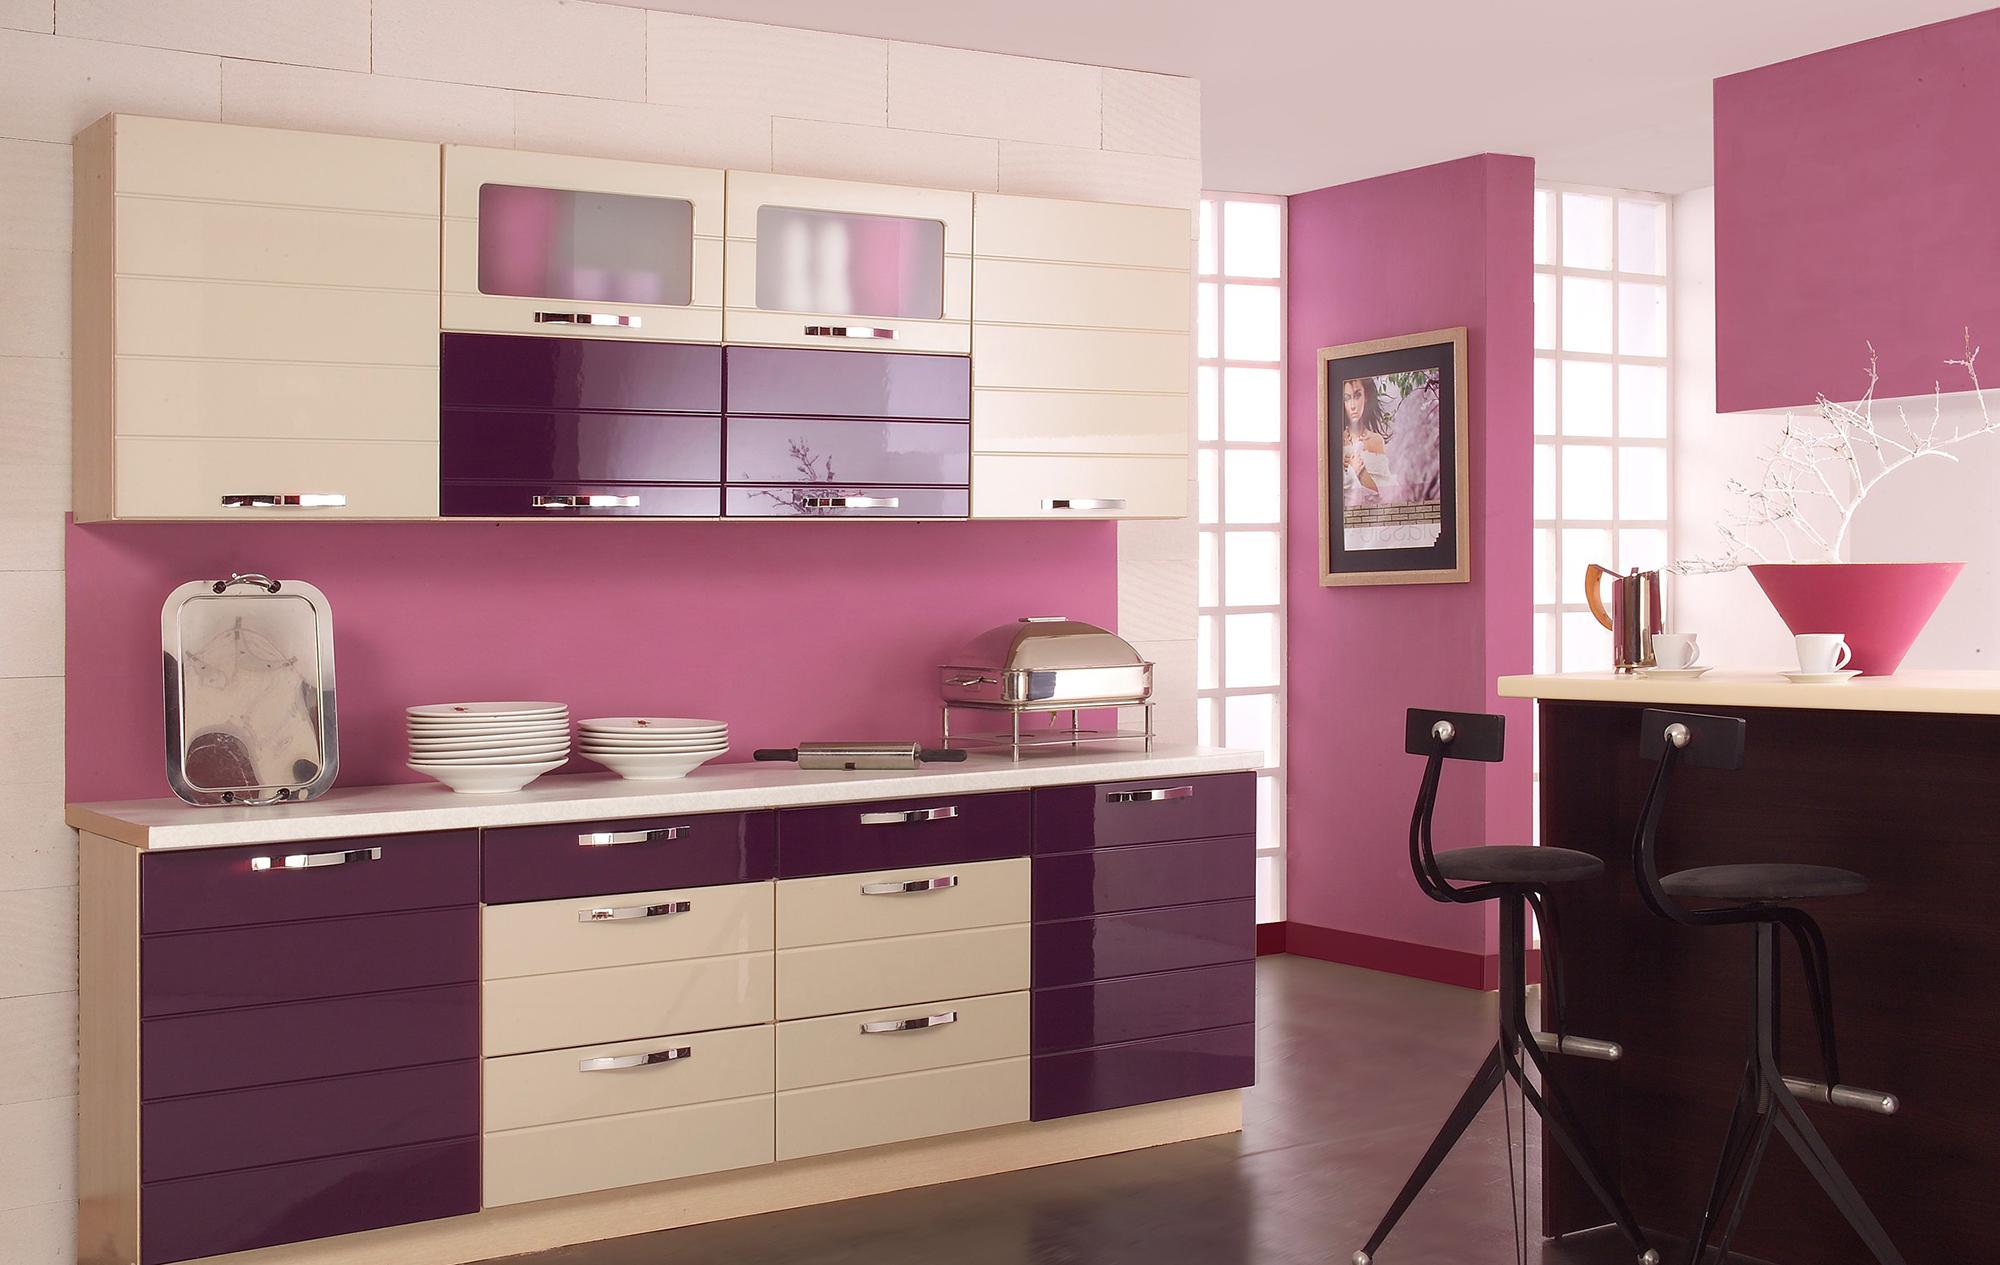 Сочетание розового, фиолетового и бежевого цветов на кухне